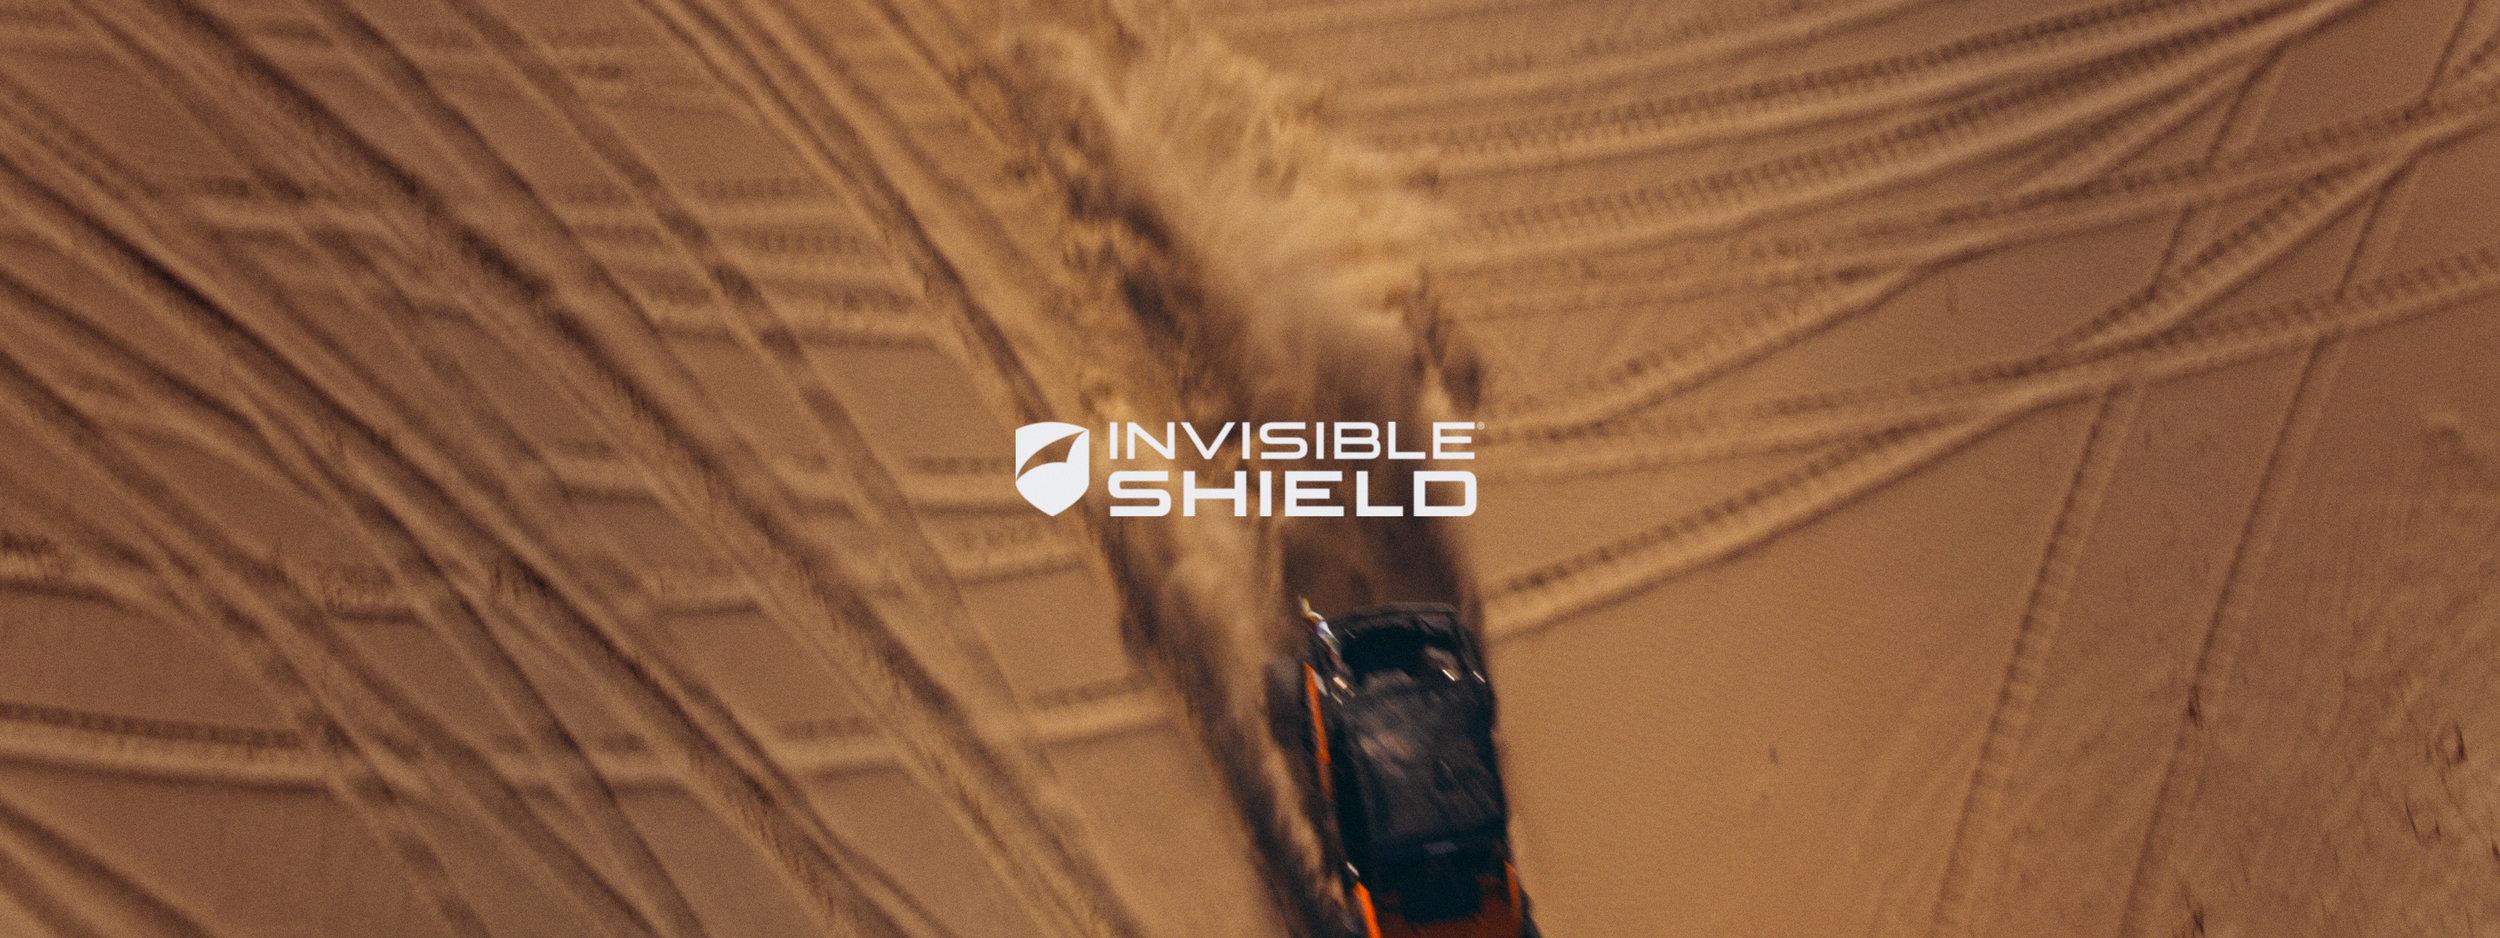 170602_InvisibleShield_Still_076.jpg